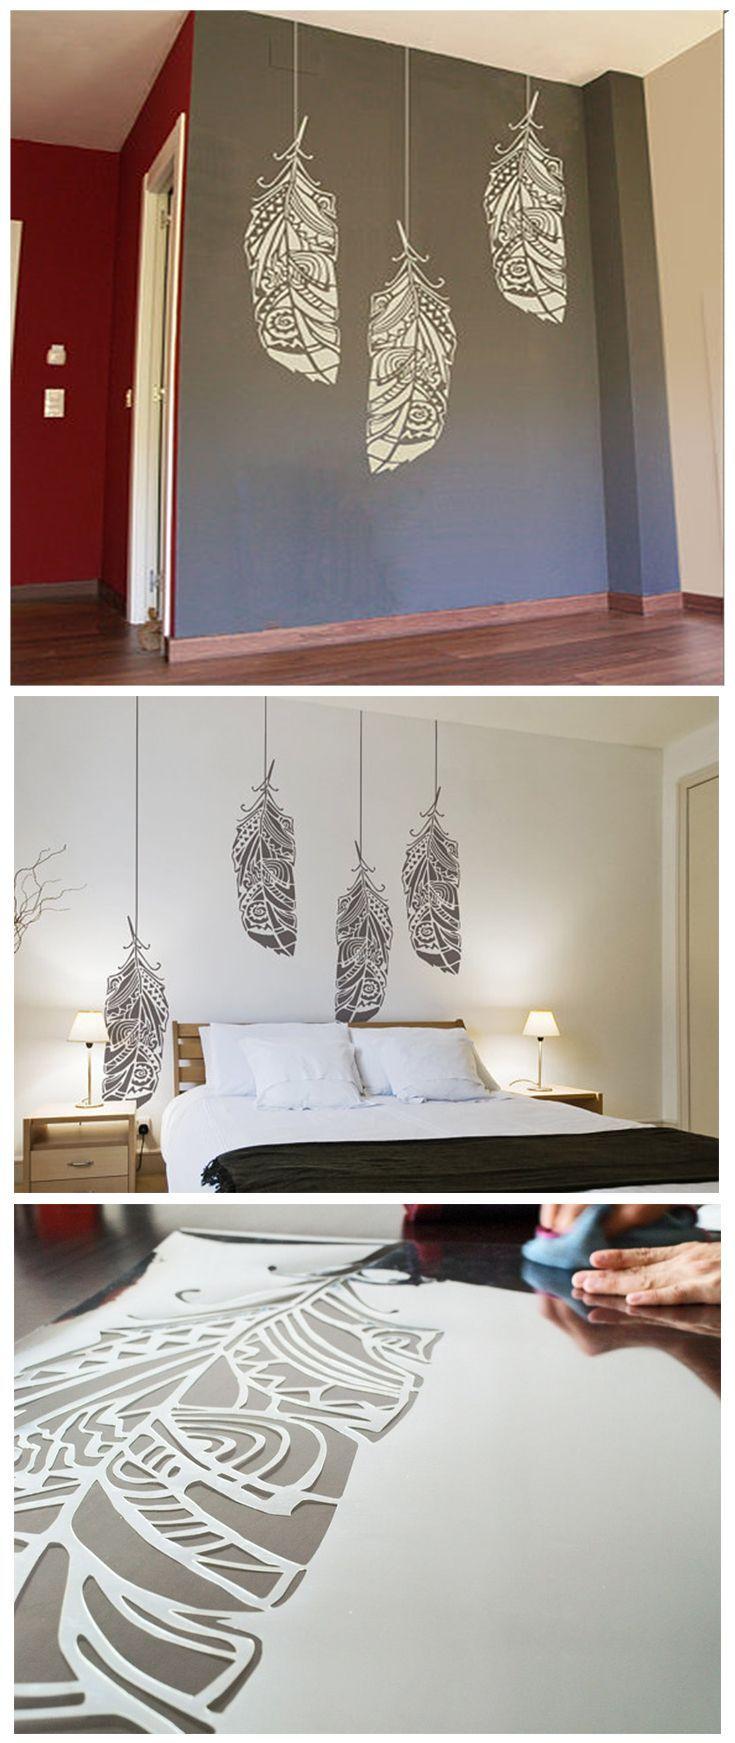 Best scandinavian wall decor ideas on pinterest scandinavian